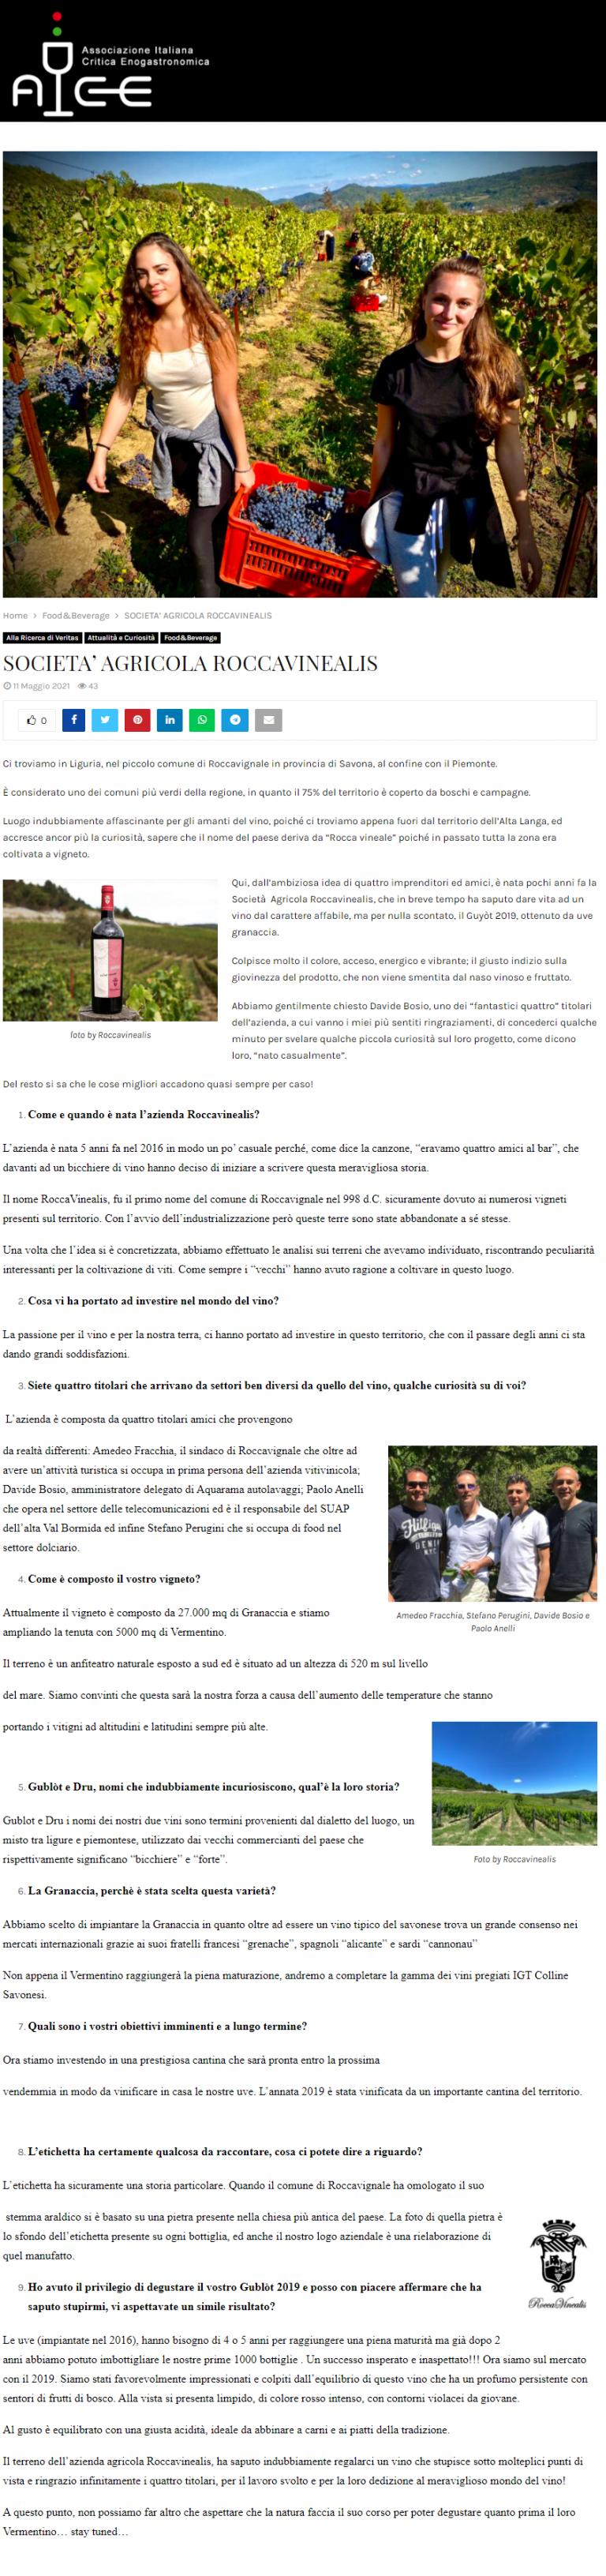 Azienda Agricola RoccaVinealis - Roccavignale, Provincia di Savona - Associazione Italiana Critica Enogastronomica - Maggio 2021